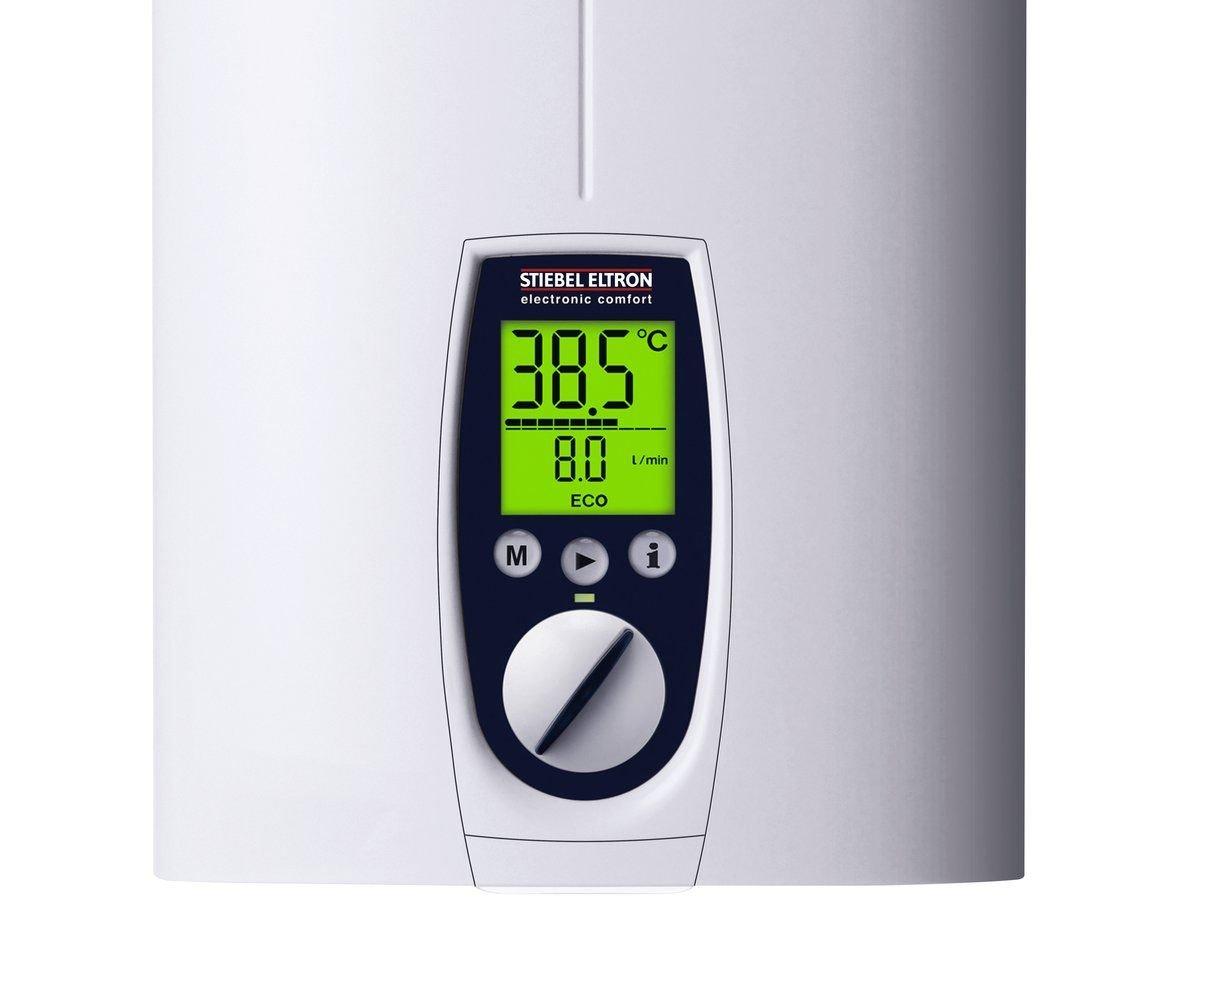 Stiebel Eltron 227491 DHB-E 27 SL - Calentador de agua eléctrico: Amazon.es: Bricolaje y herramientas